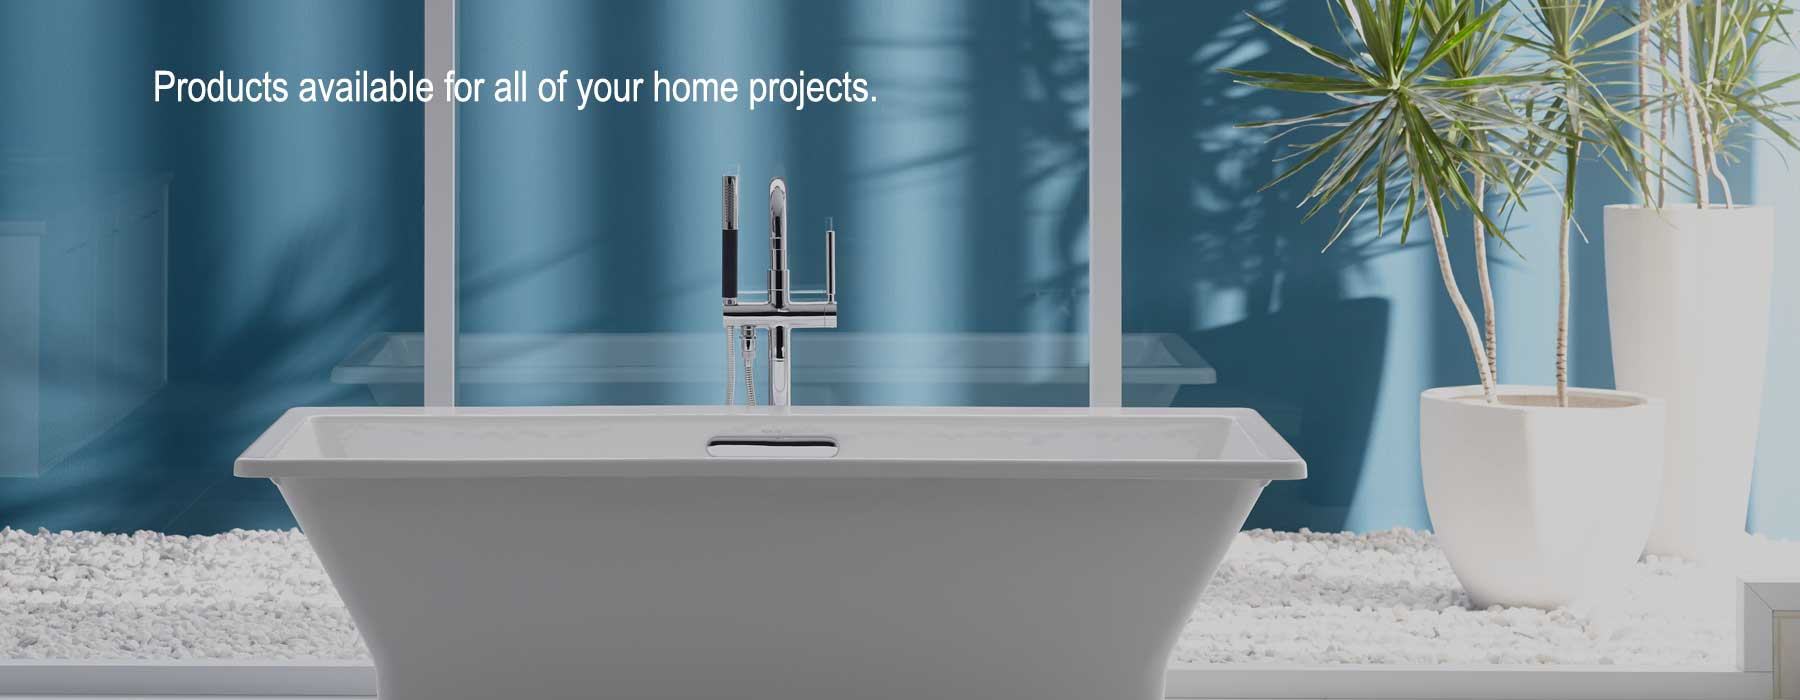 Bathroom Fixtures Houston moore supply houston plumbing showroom fixtures & supplies